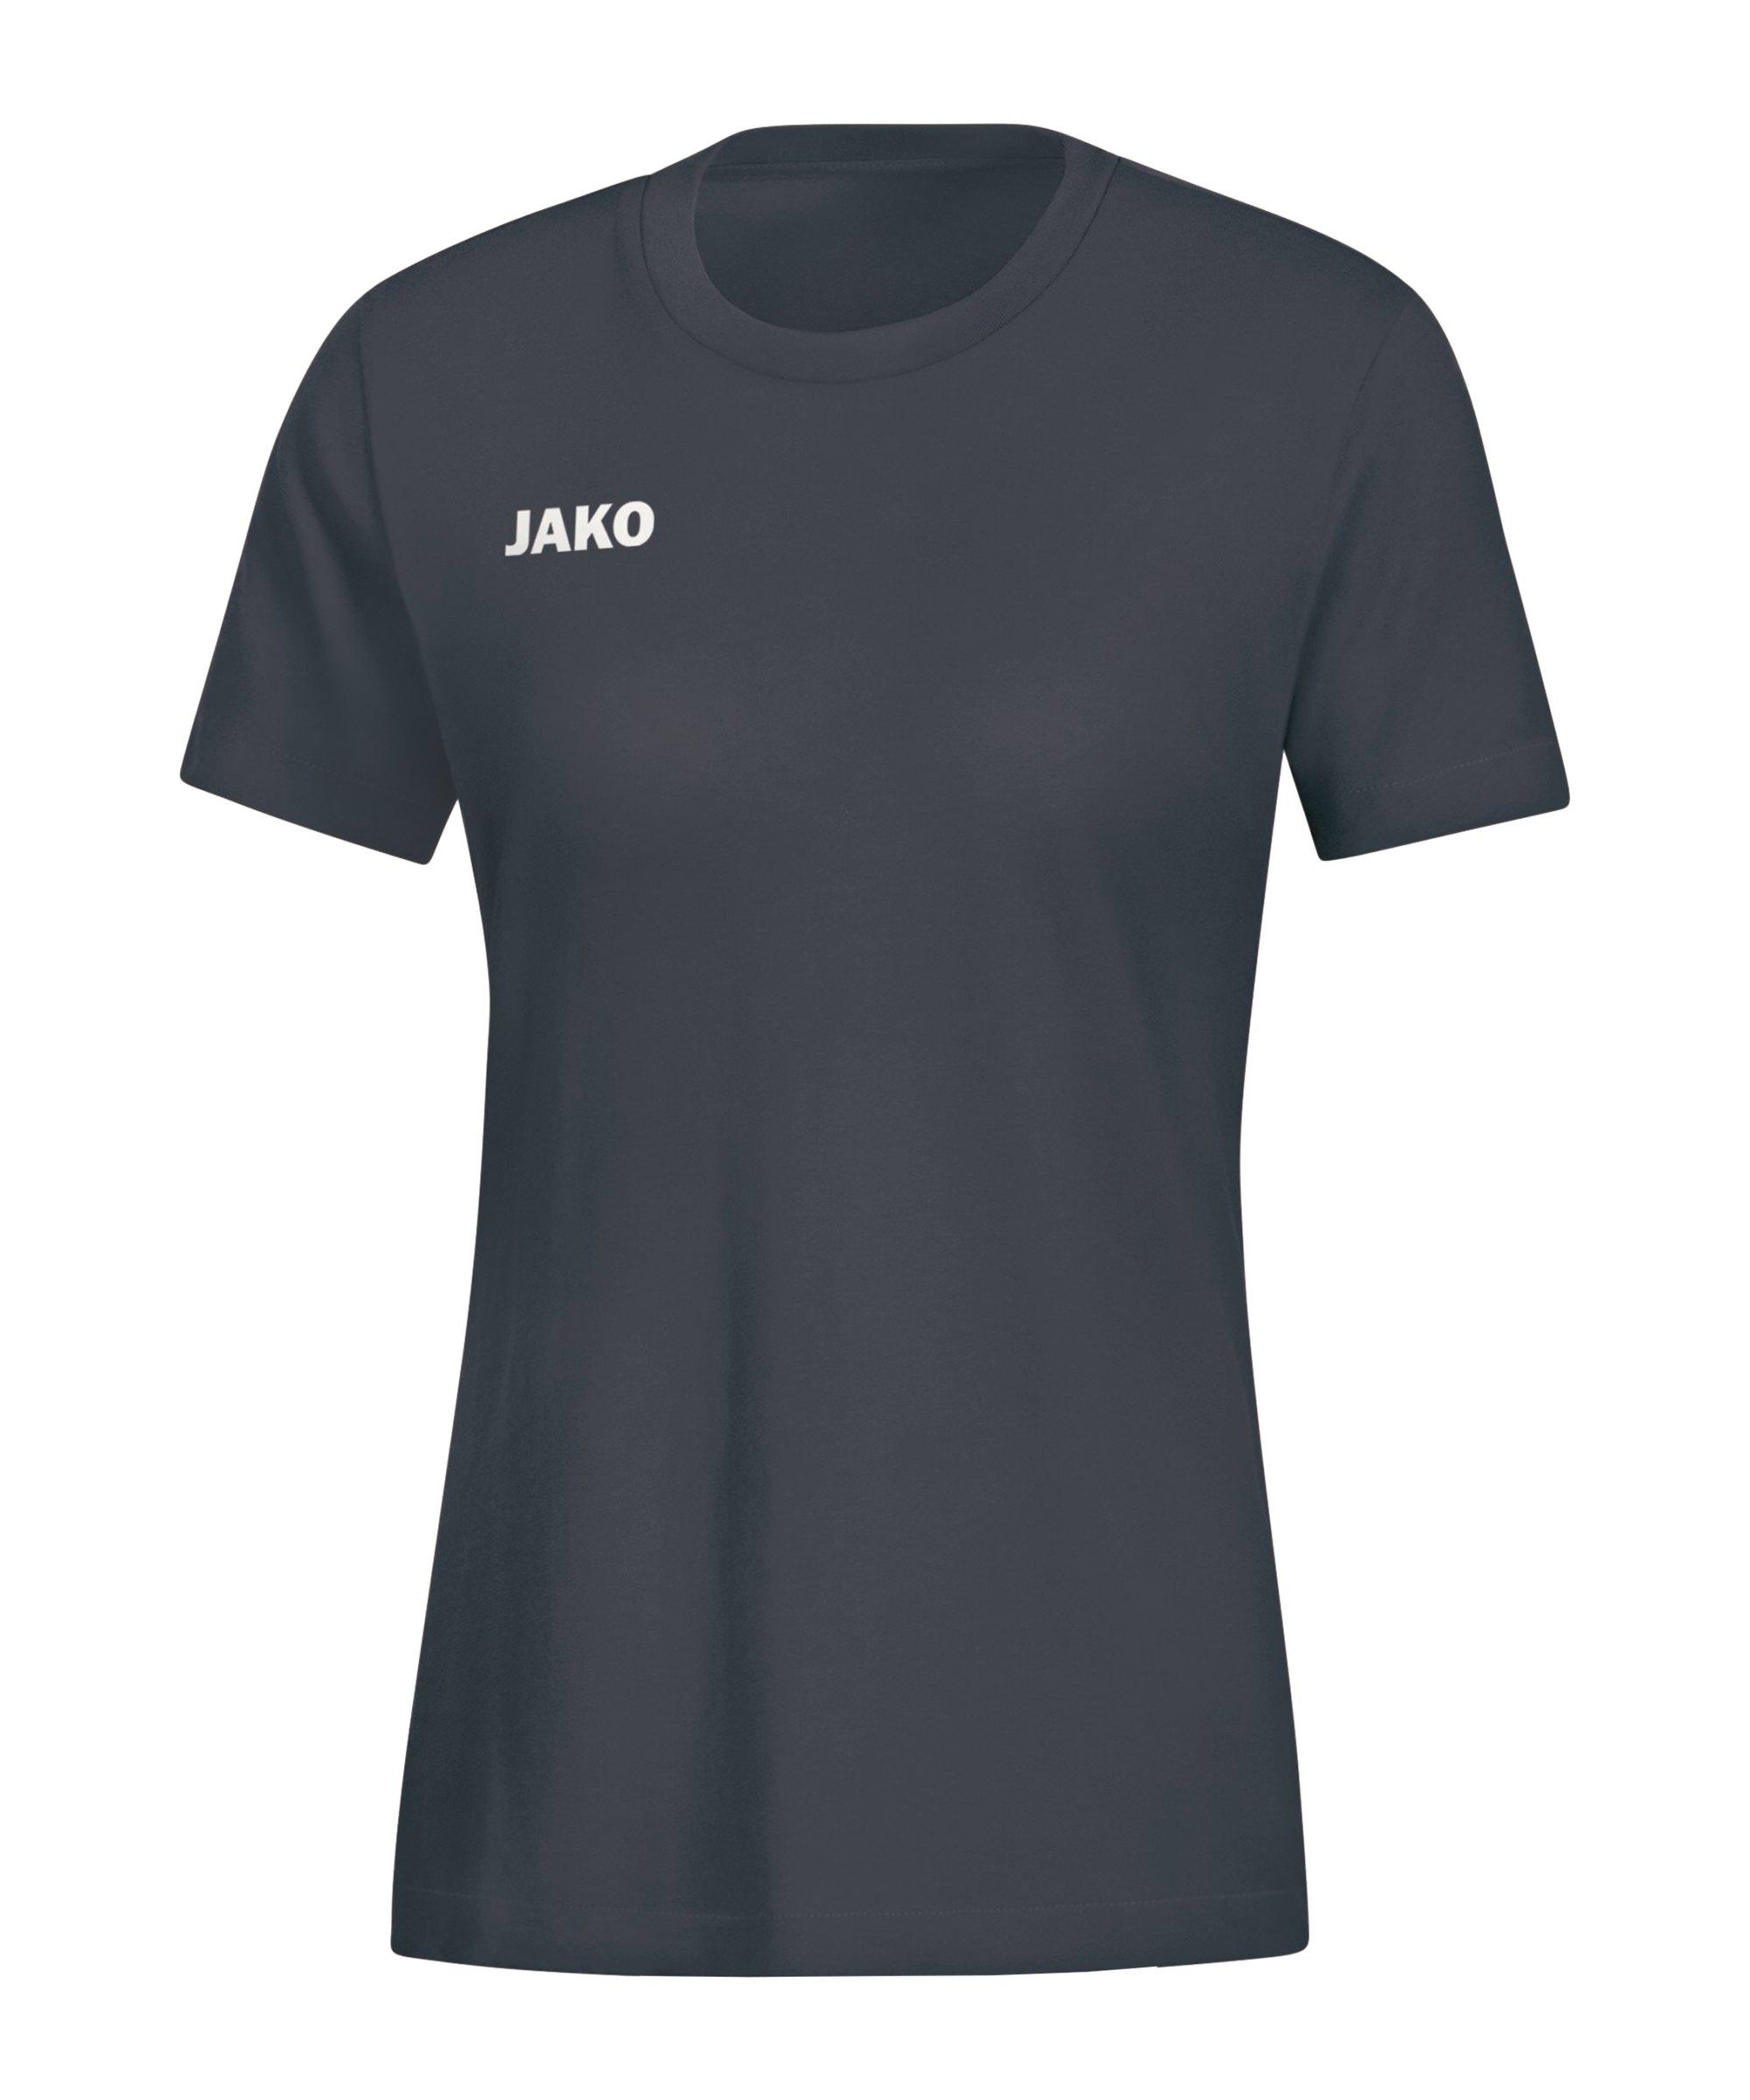 JAKO Base T-Shirt Damen Grau F21 - grau